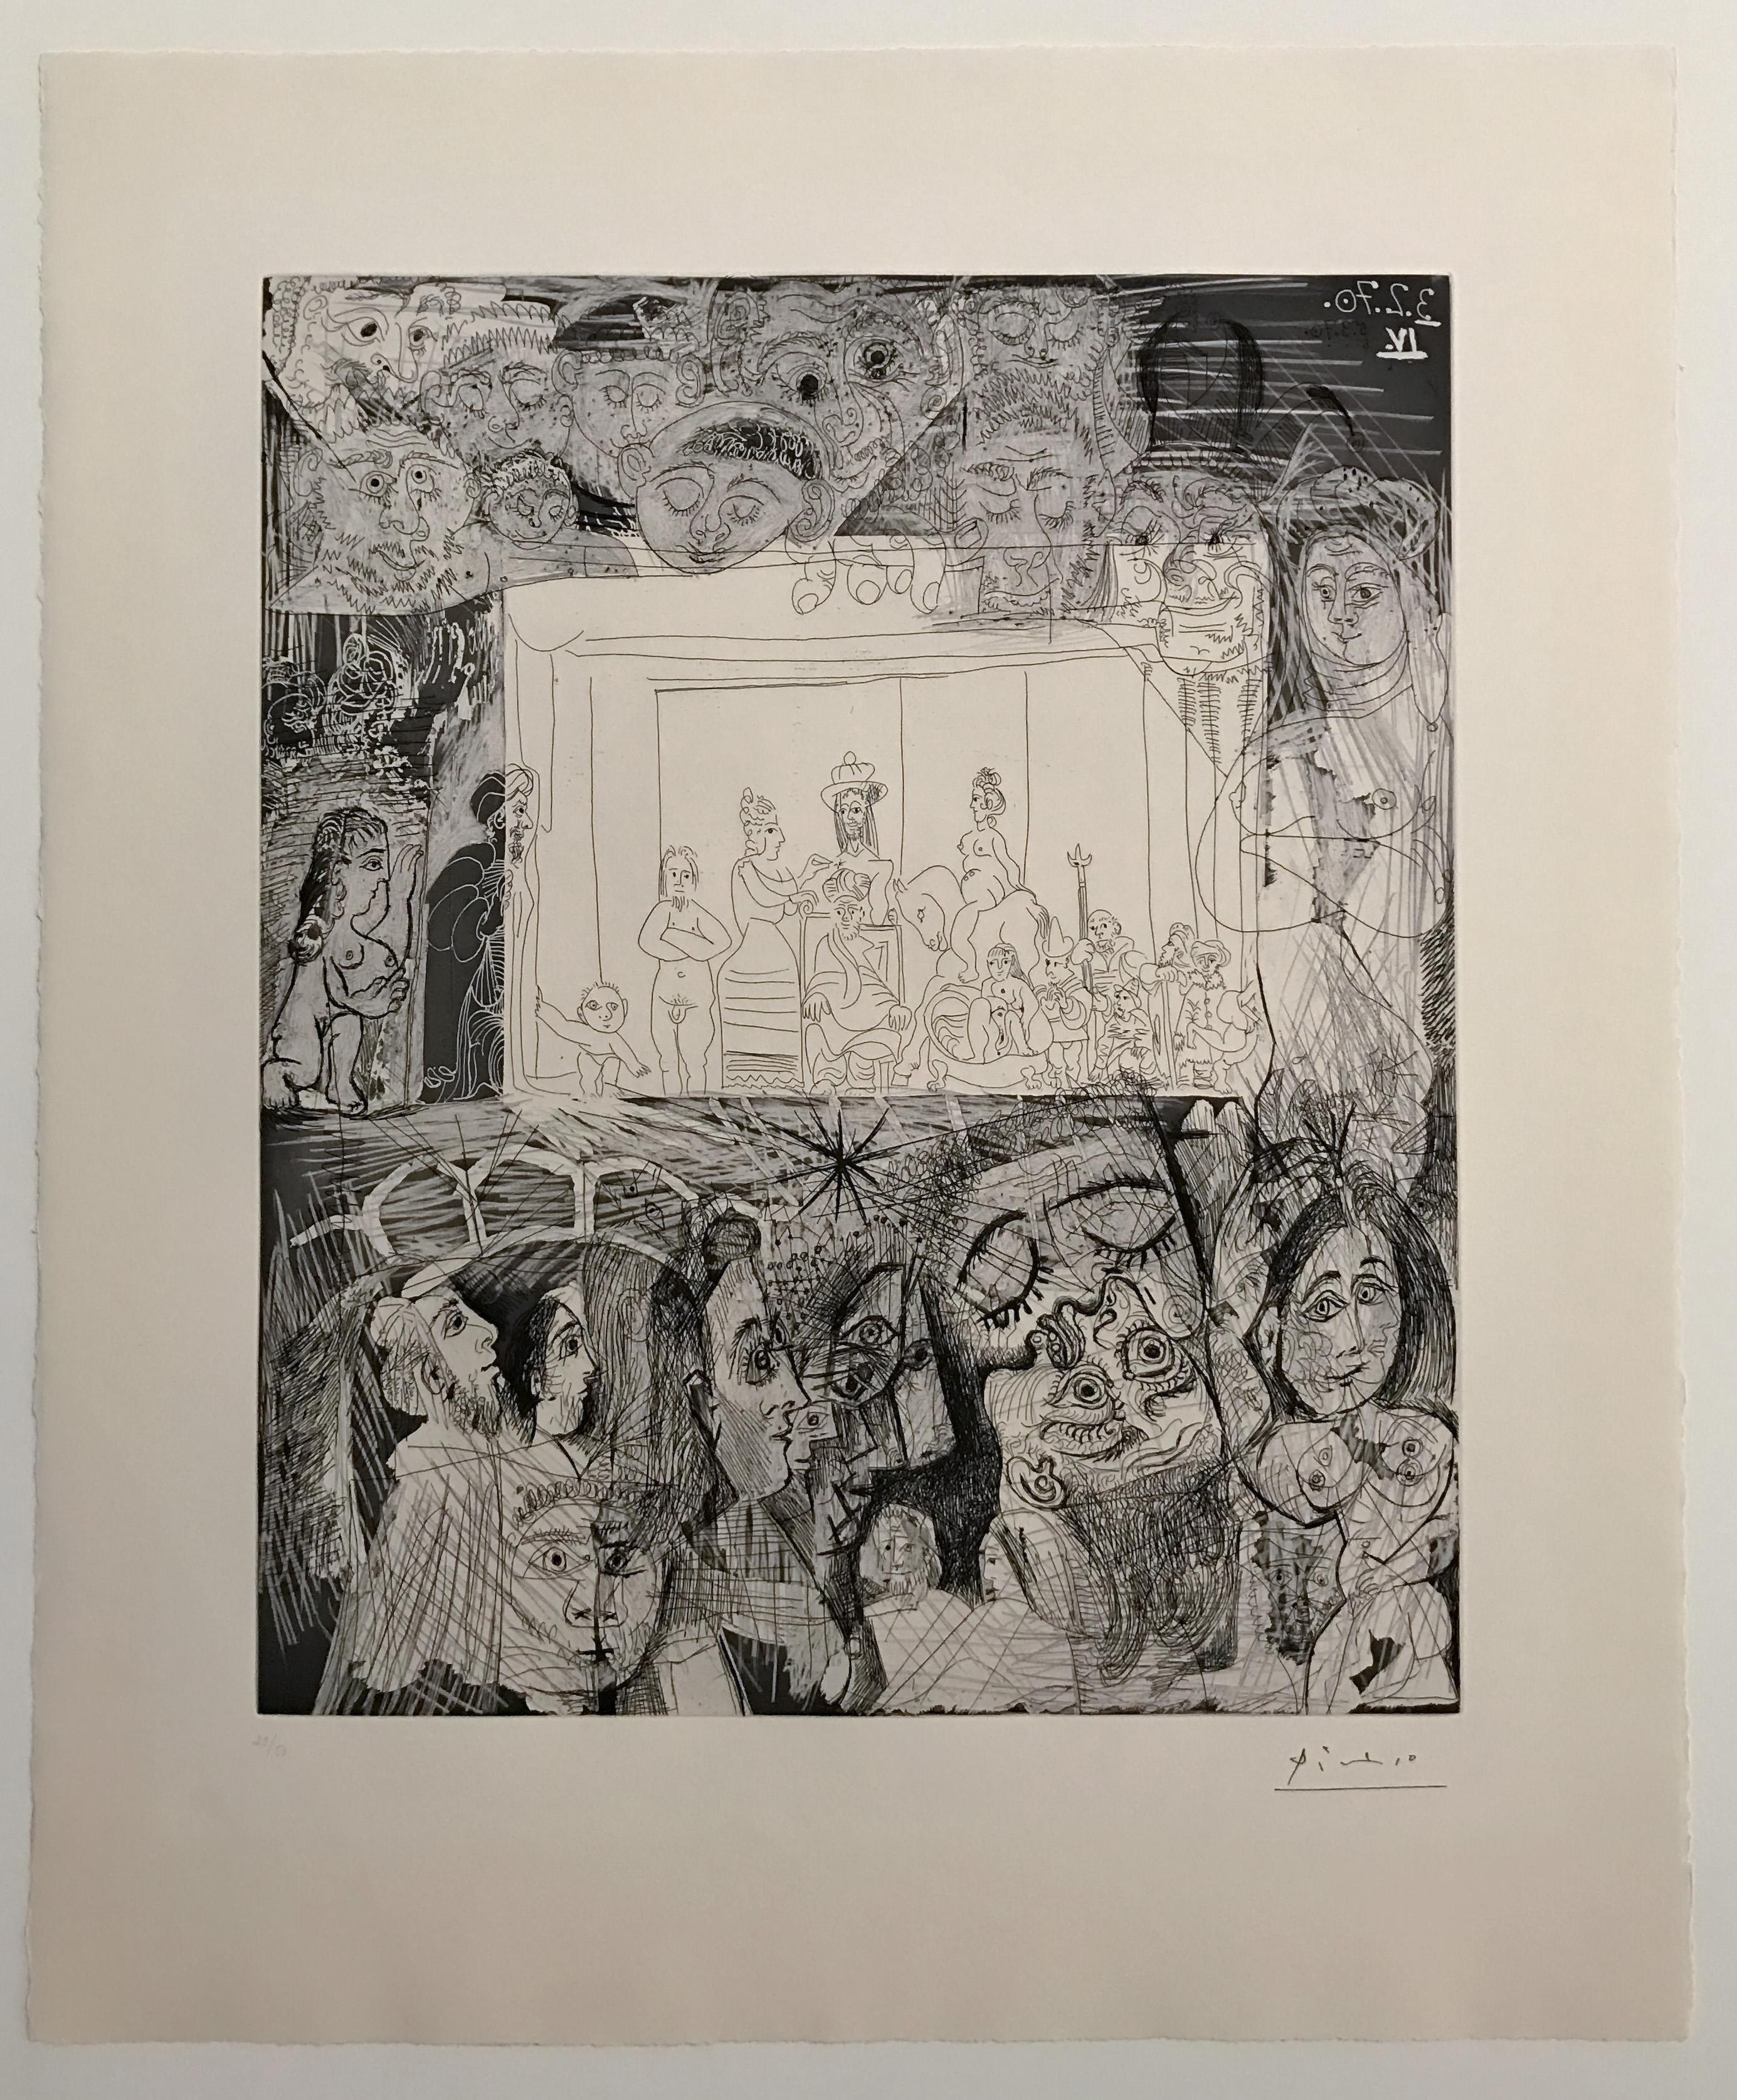 Picasso: Ecce Homo, d'Après Rembrandt